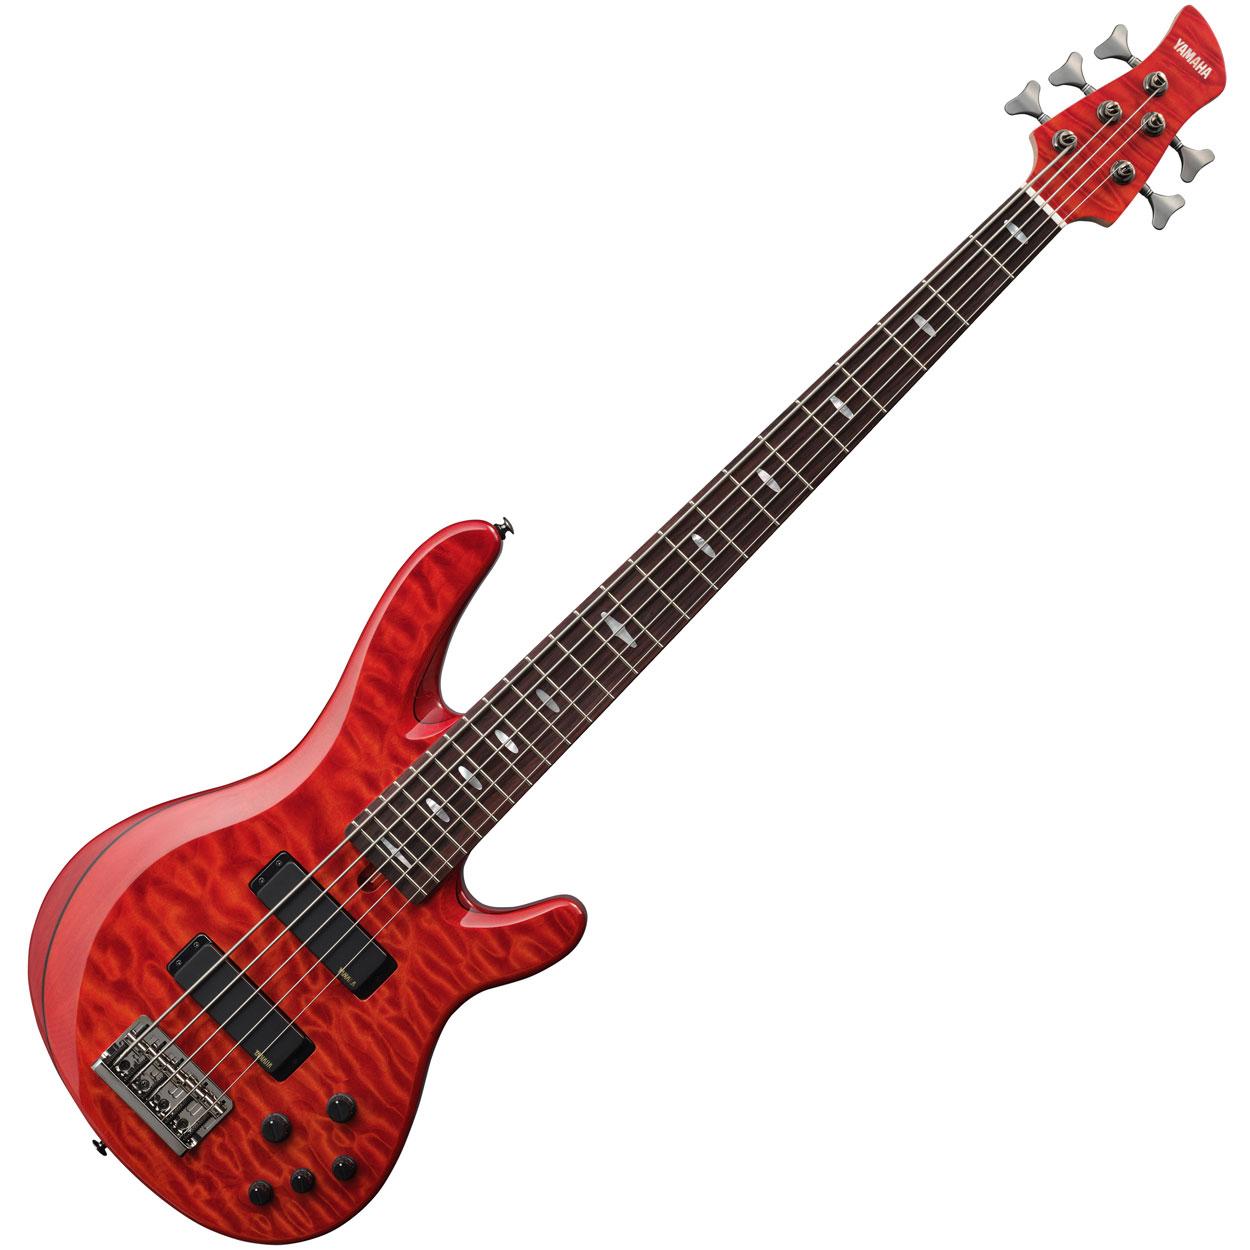 Cord Gitar Dasar: Gambar Kunci Gitar